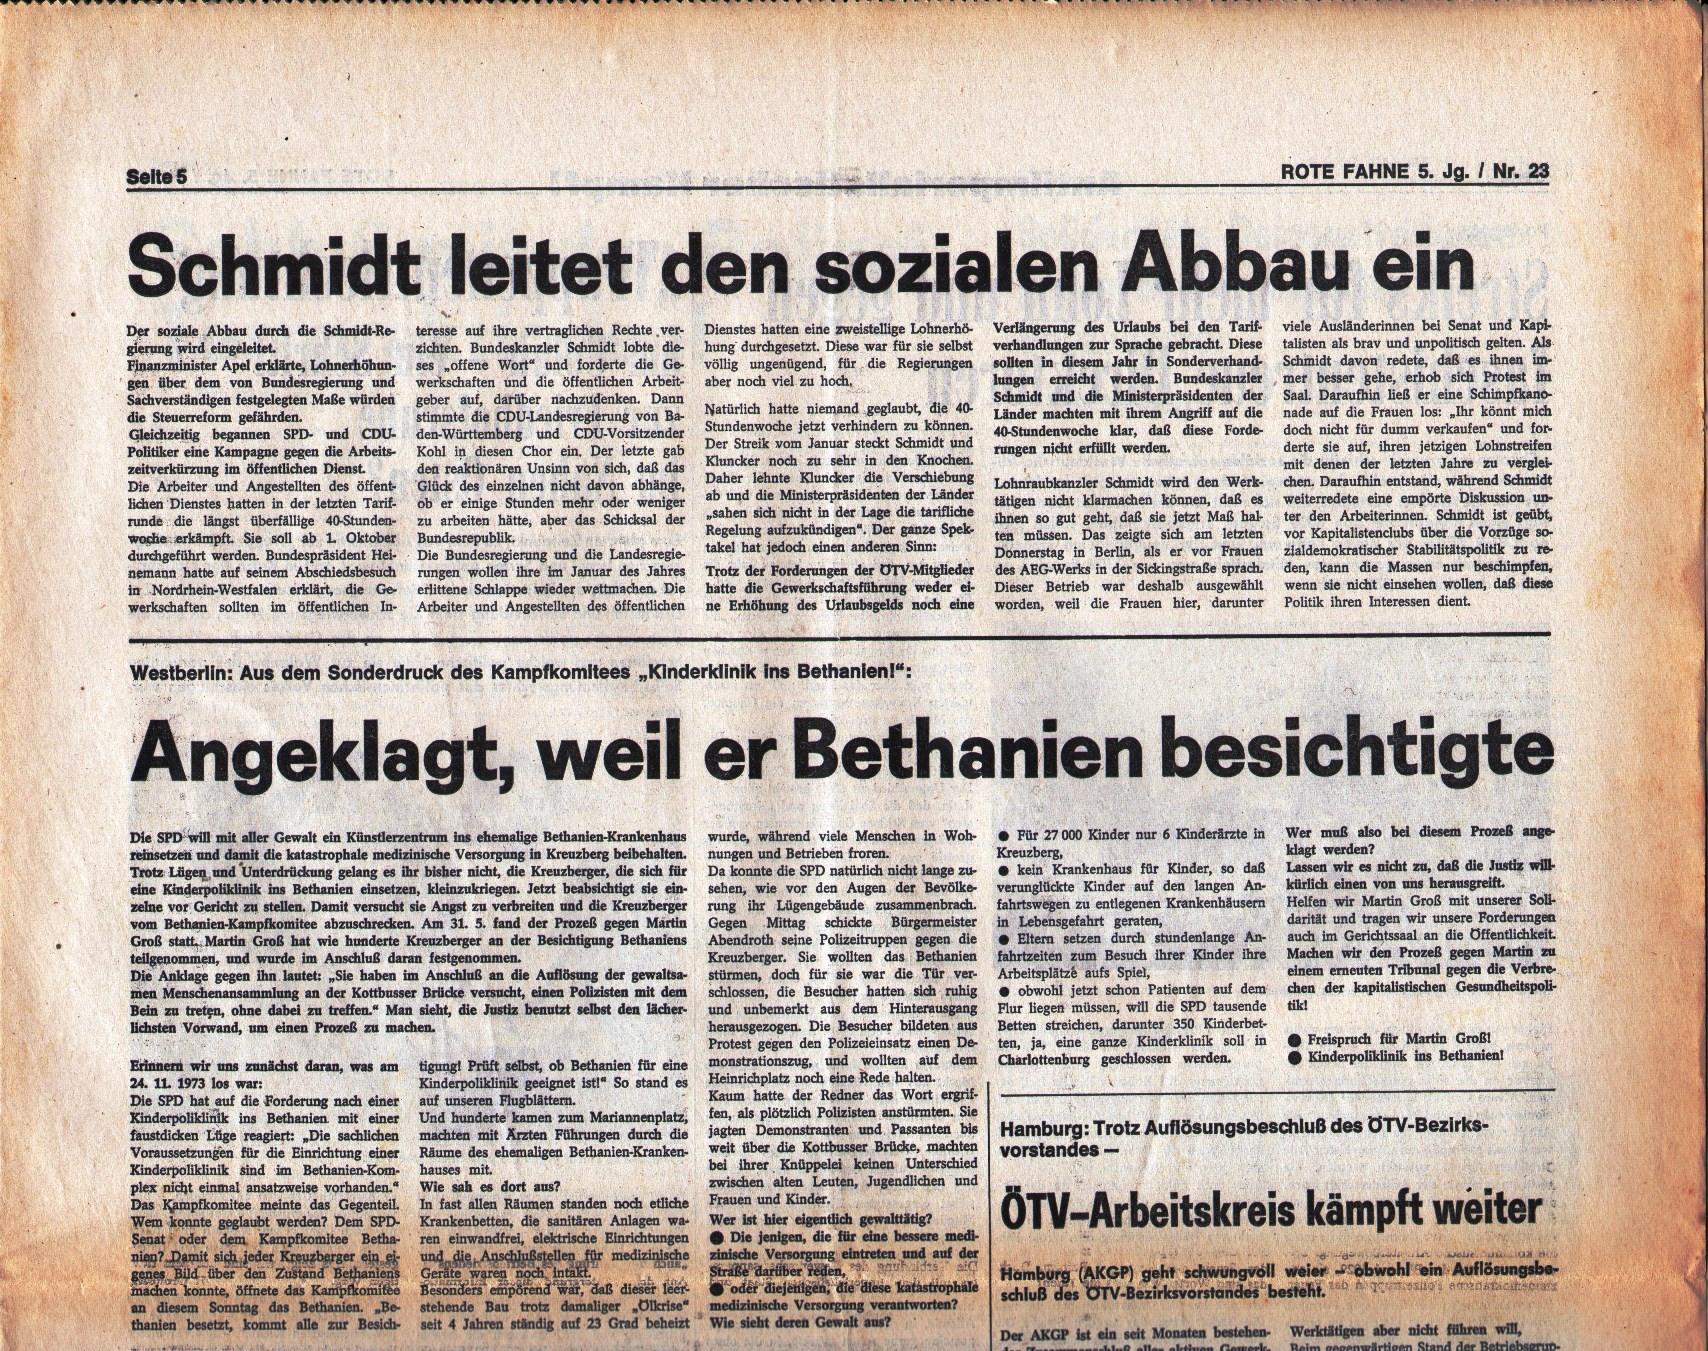 KPD_Rote_Fahne_1974_23_09